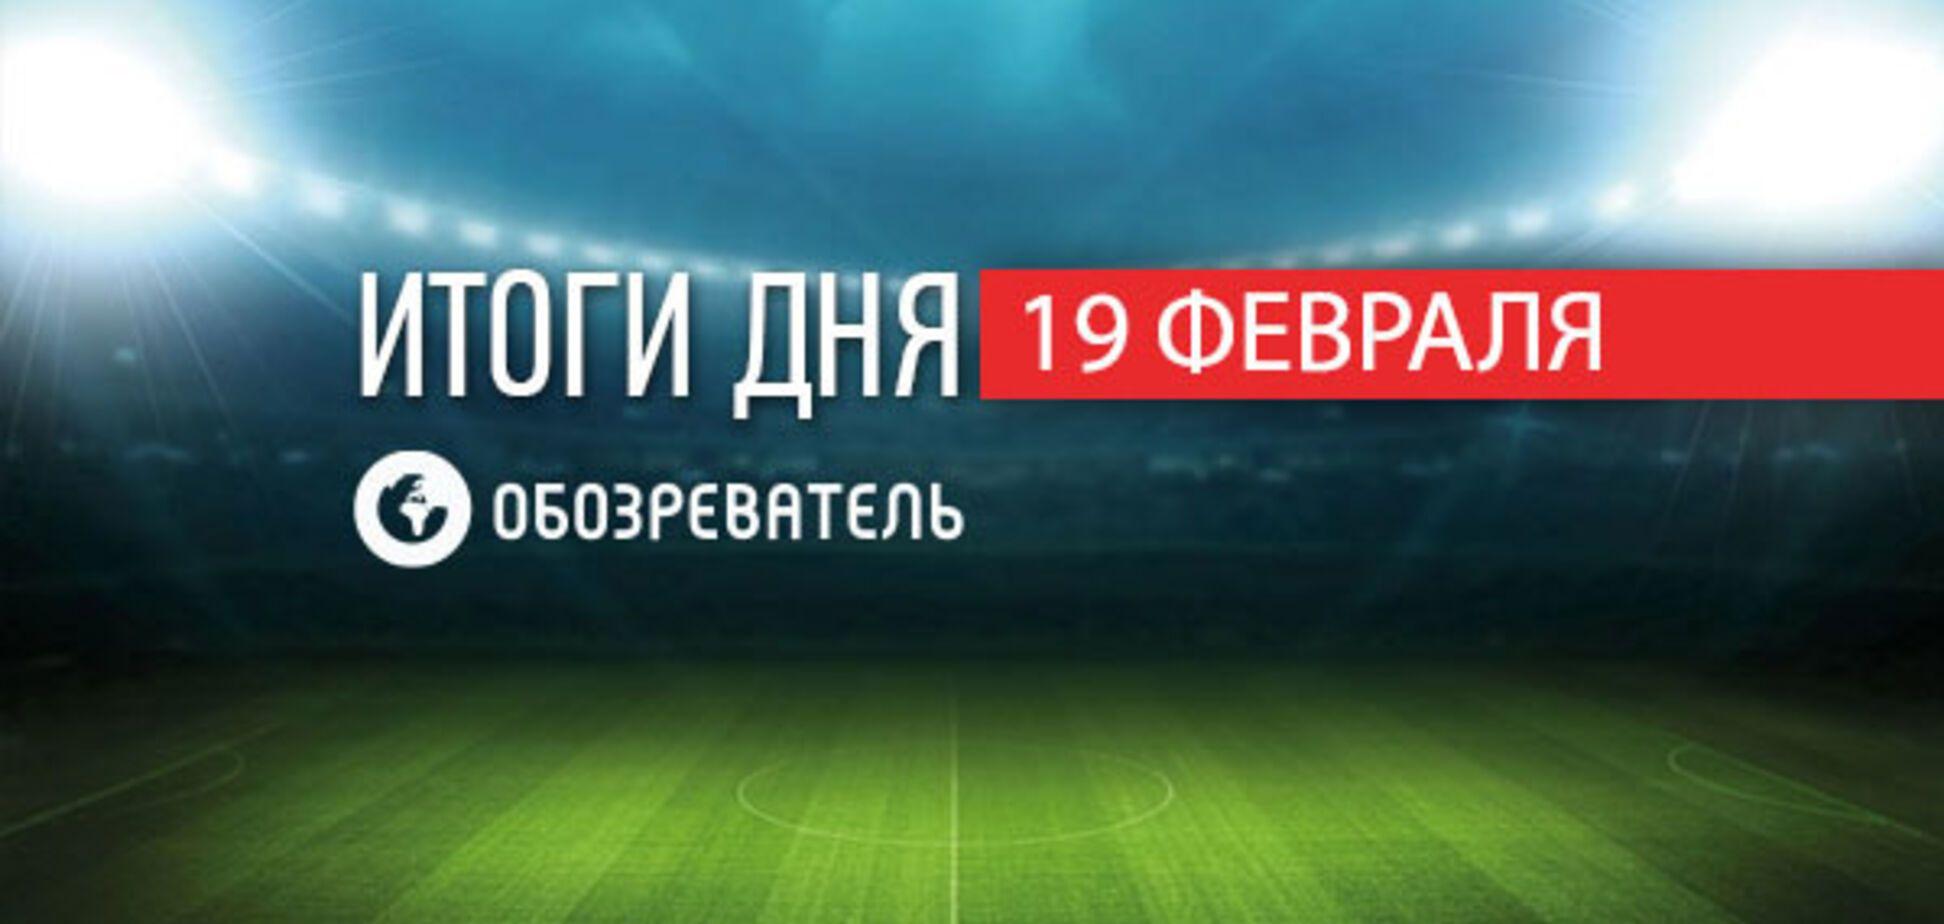 Назван фаворит боя Усик — Поветкин: спортивные итоги 19 февраля